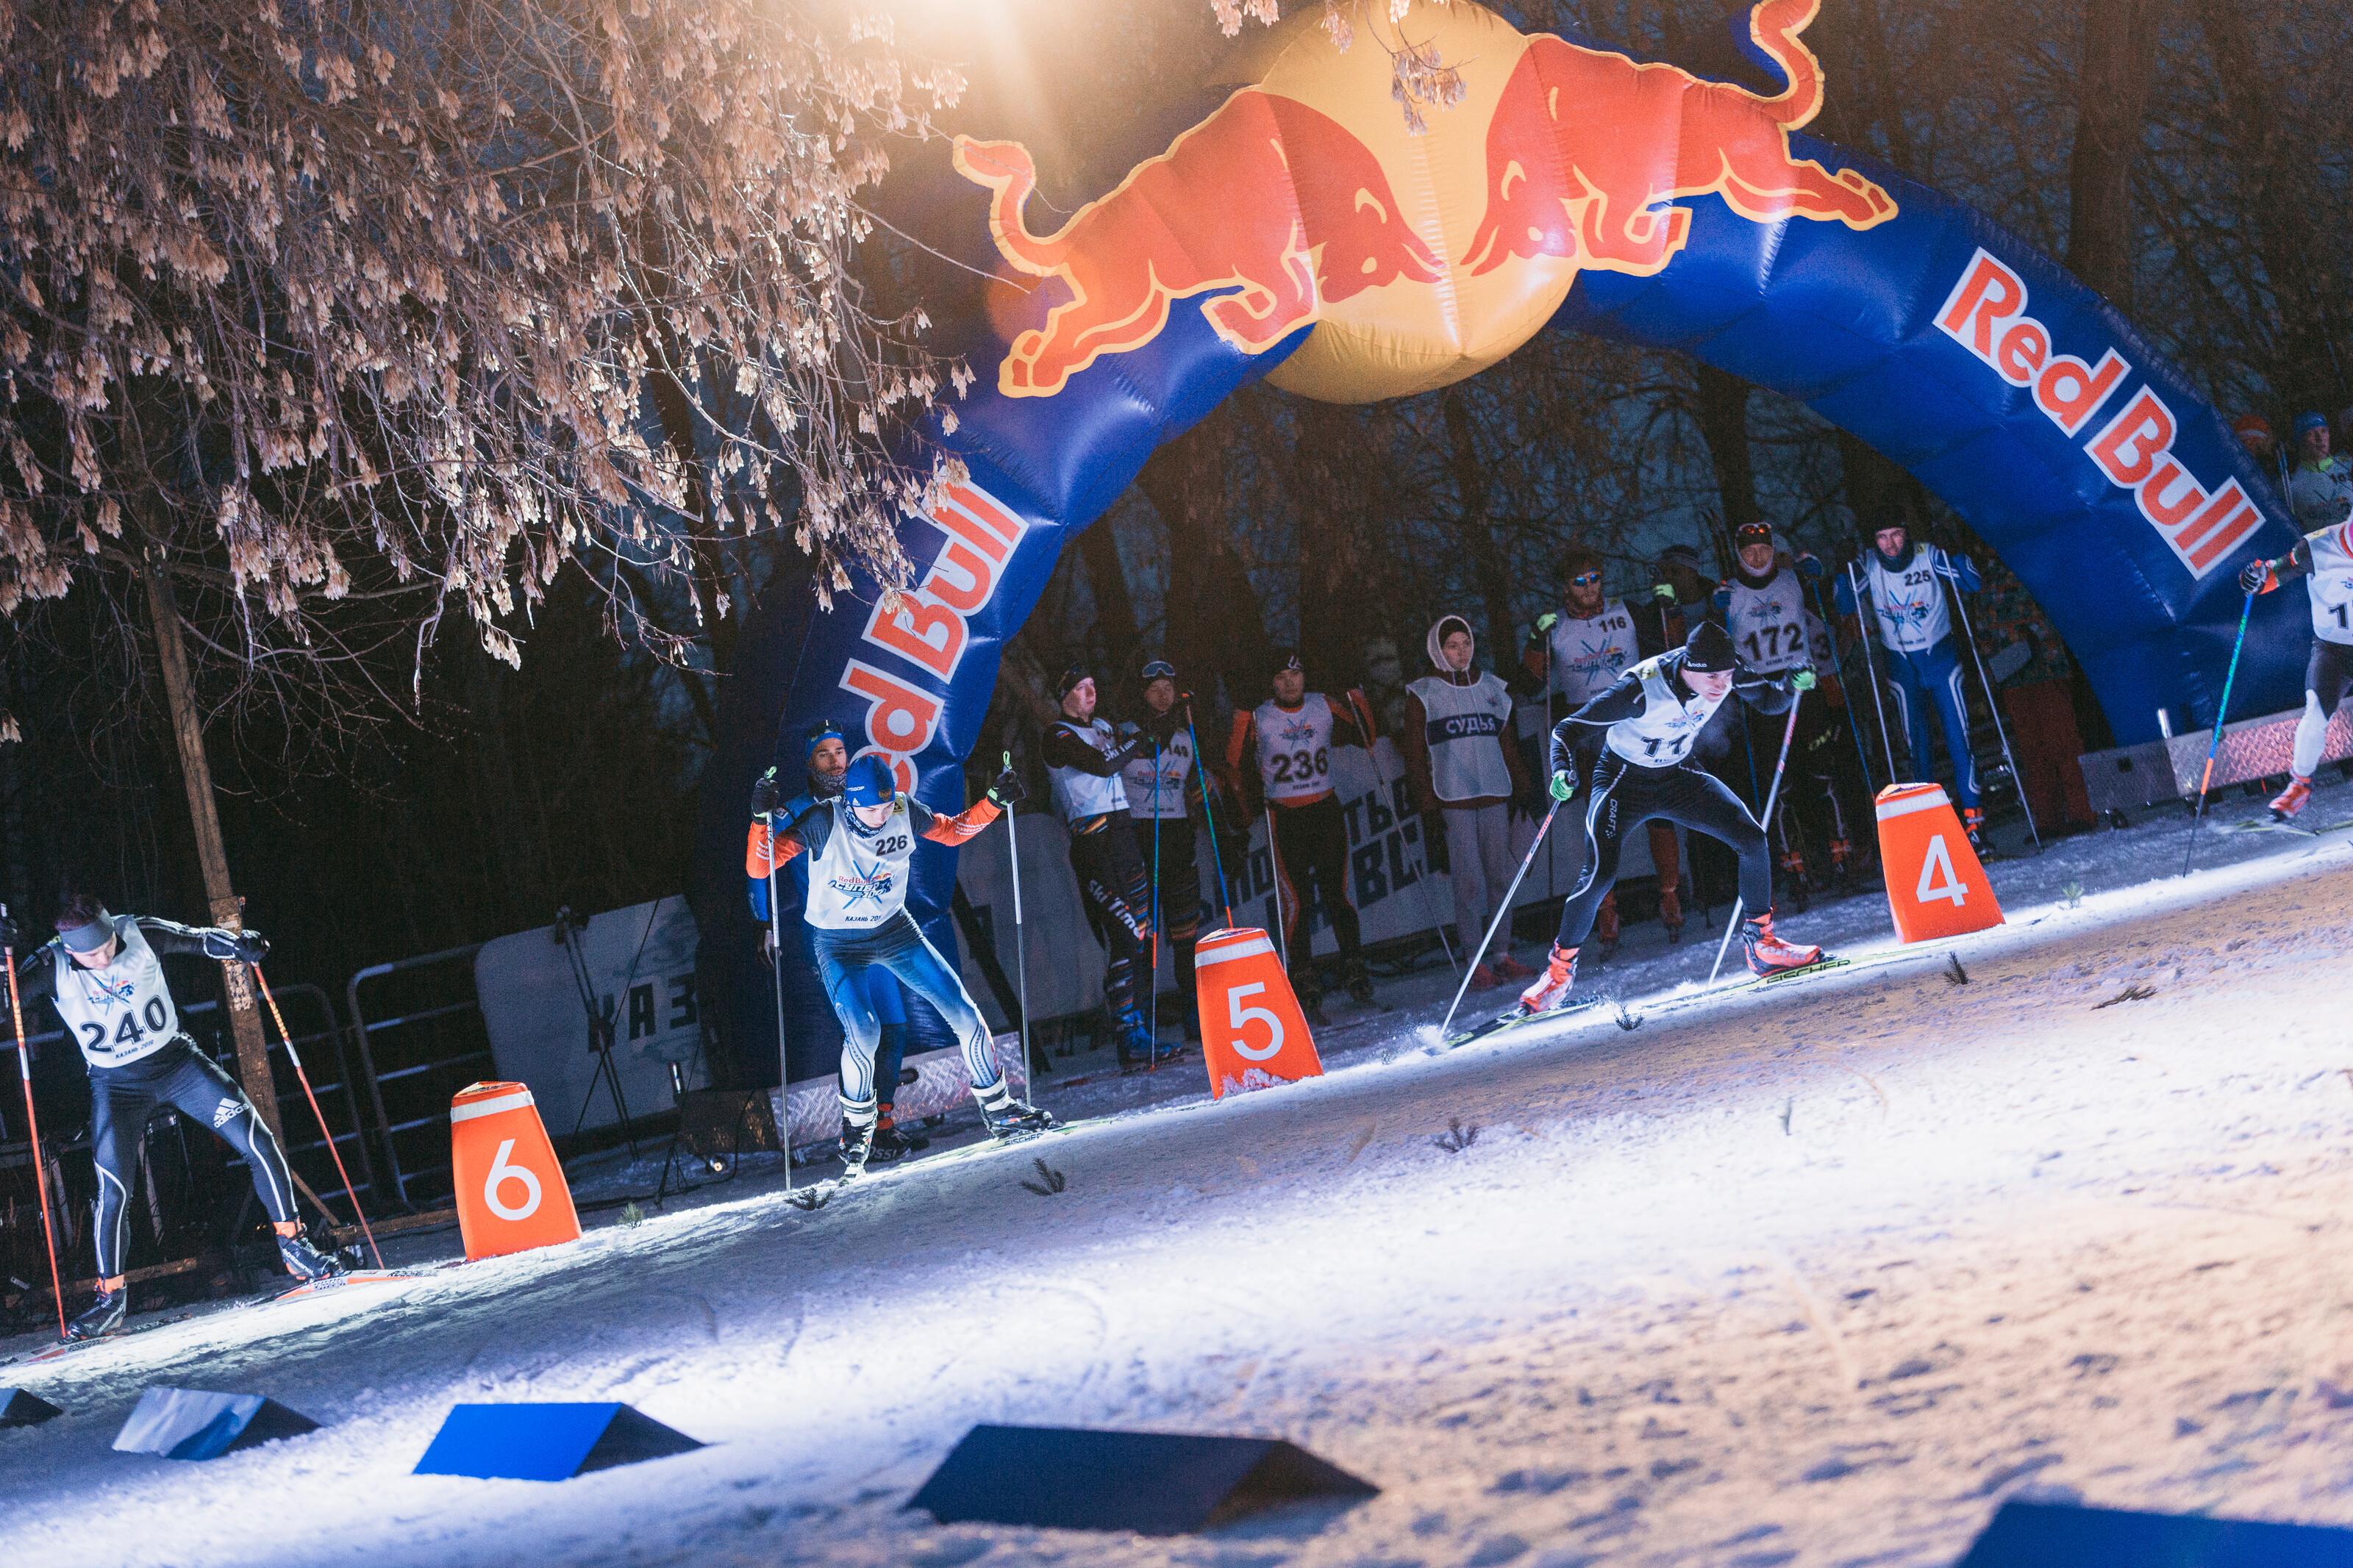 17 марта в Казани, в Центральном Парке Культуры и Отдыха им. Горького впервые в истории прошла суперспринтерская лыжная гонка Red Bull Супер 100.